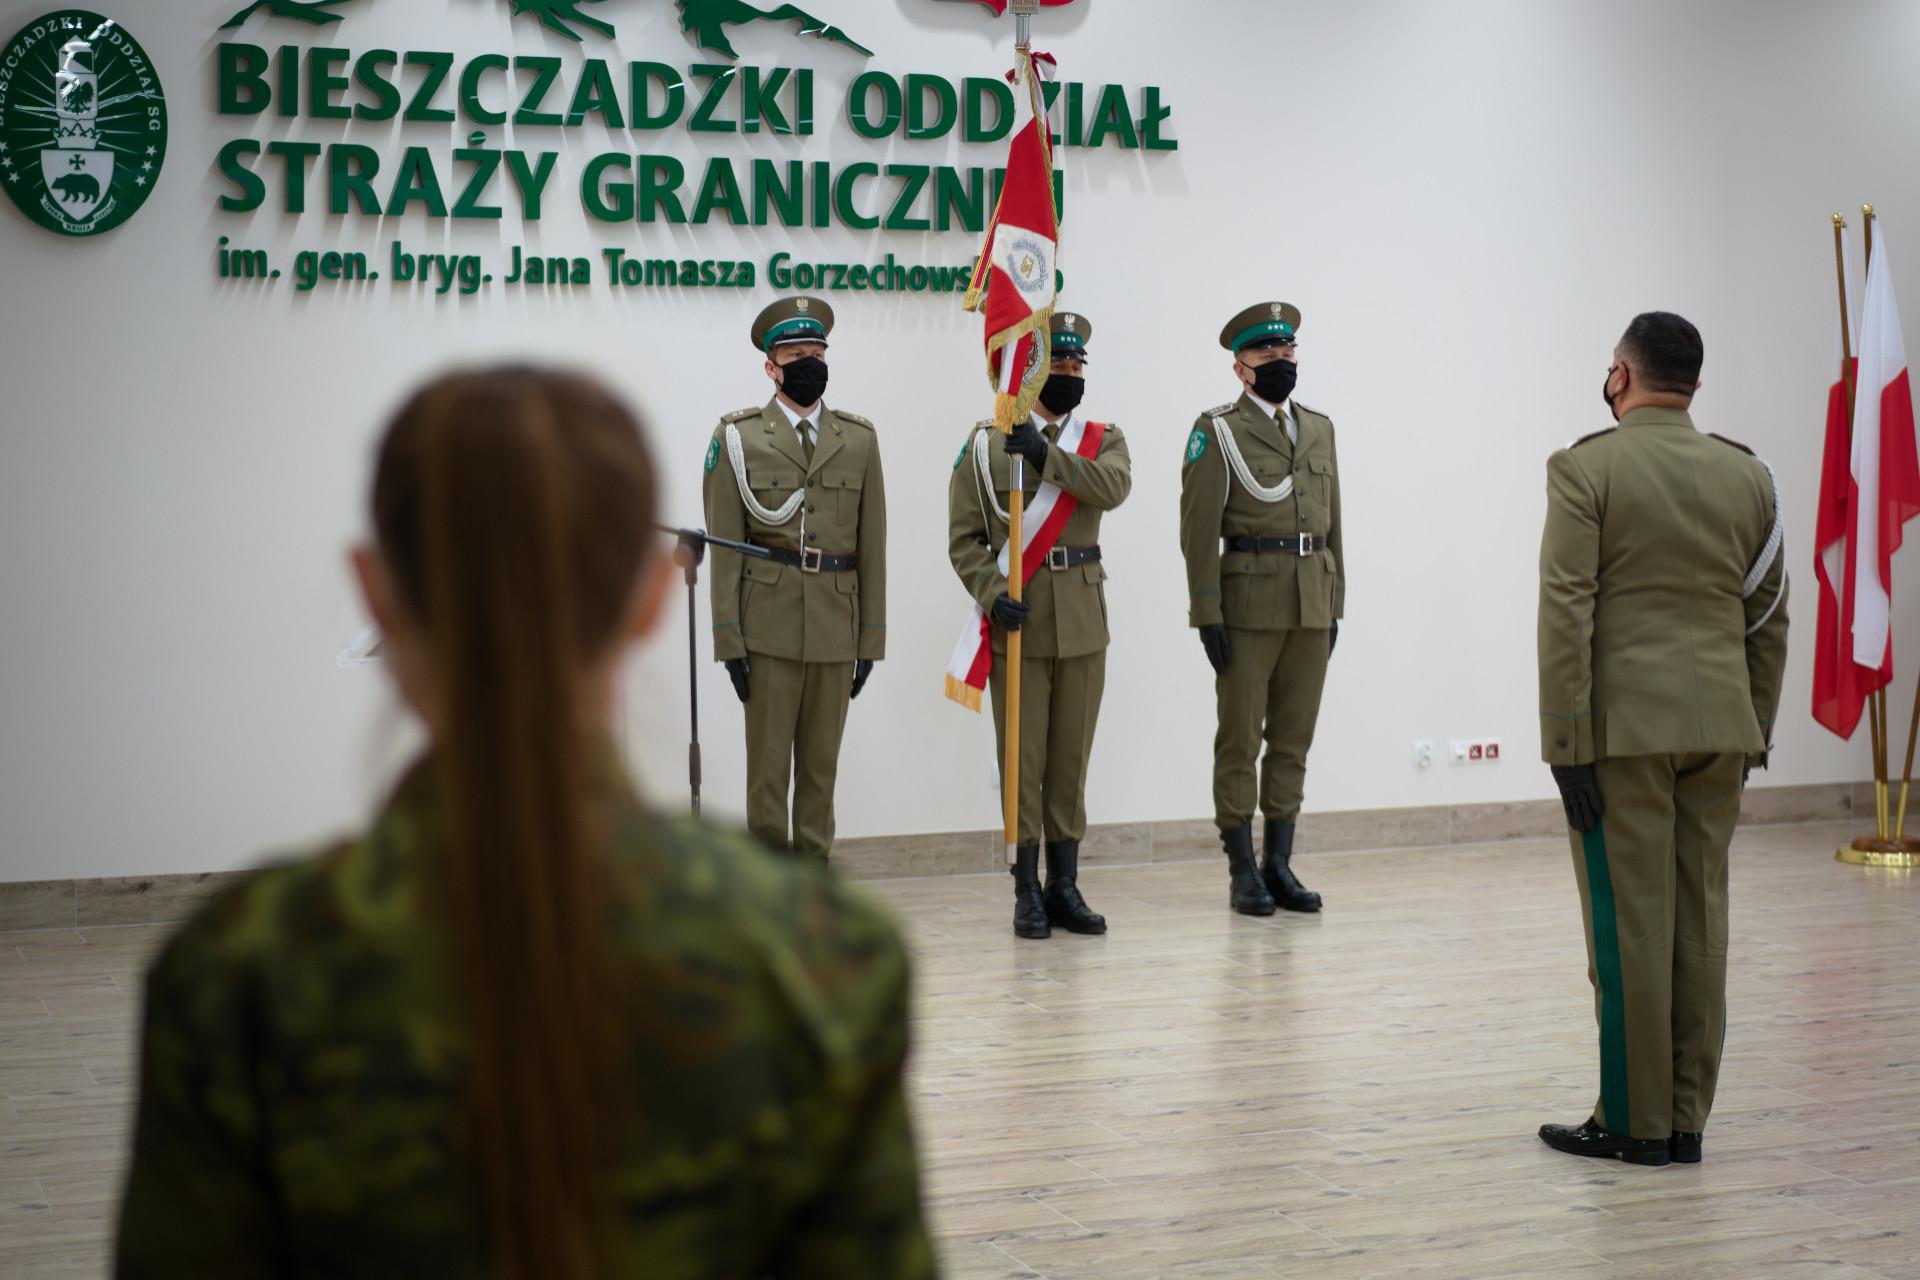 Podkarpacie. Funkcjonariusze Straży Granicznej uroczyście złożyli rotę ślubowania [FOTO] - Zdjęcie główne